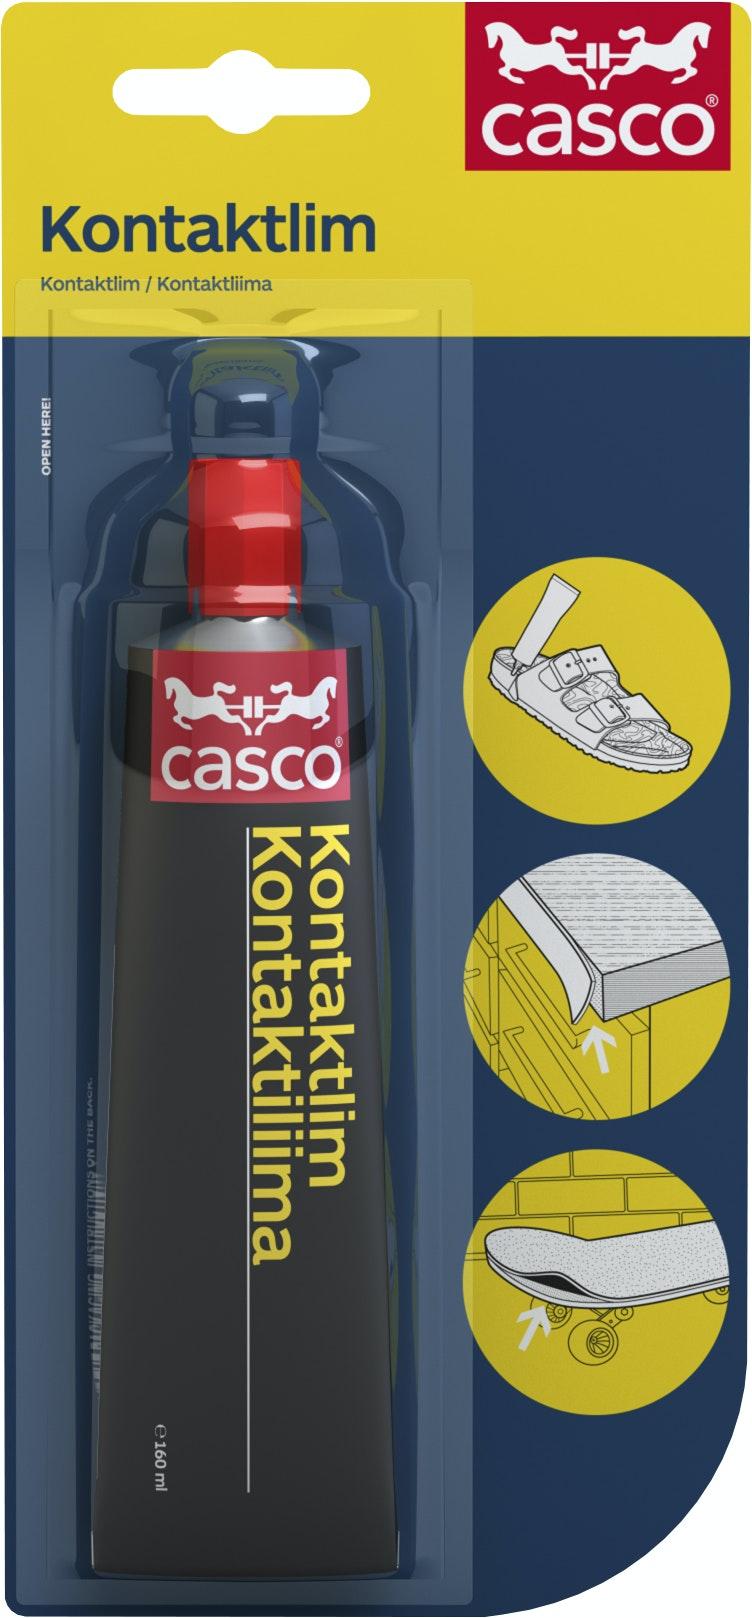 KontaktLim Casco 160ml